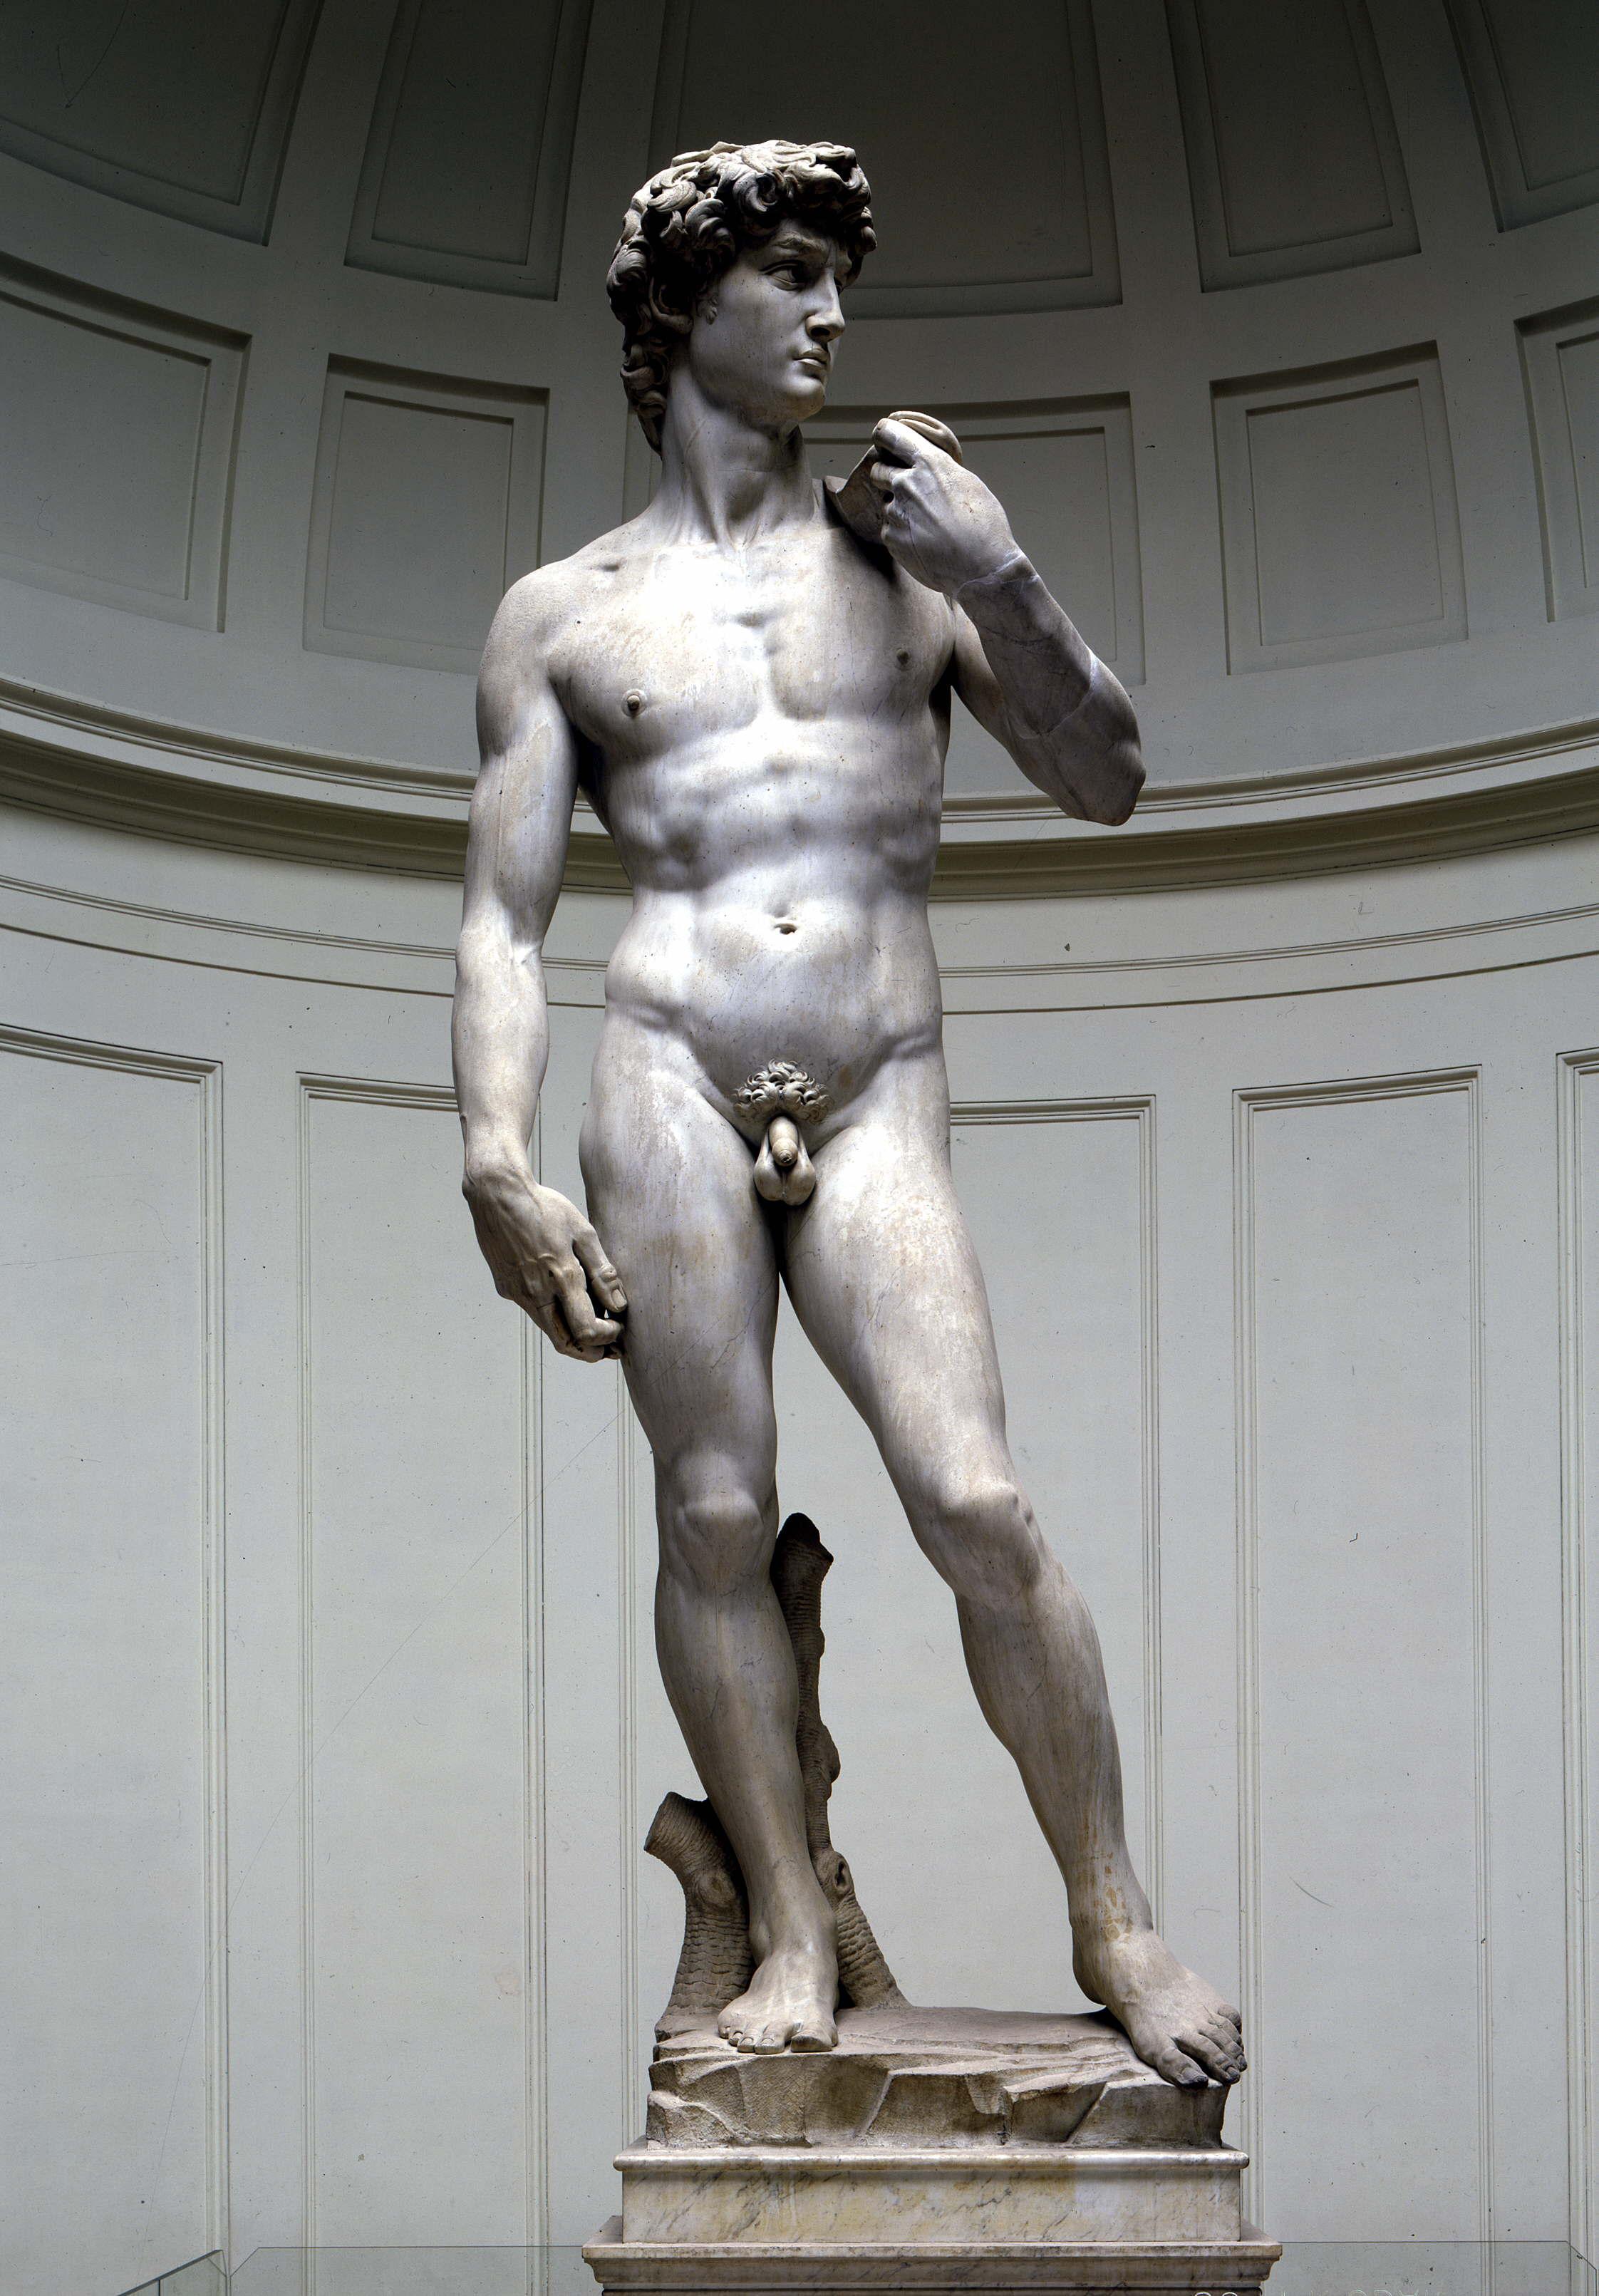 római szobor pénisz